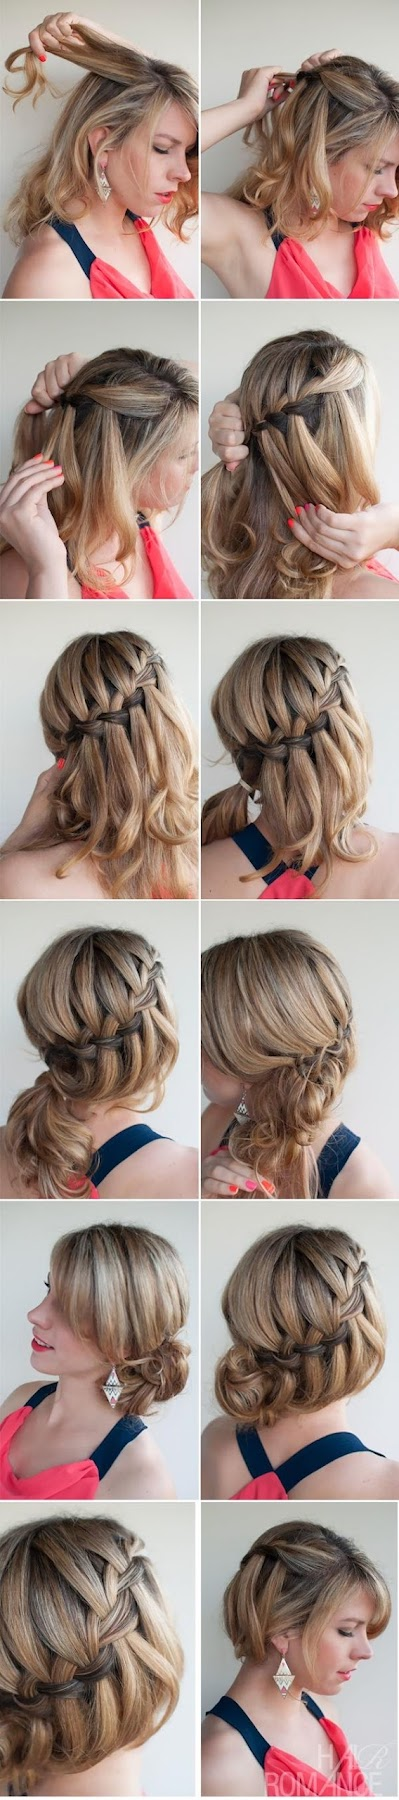 diy prom hairstyles : Hair And Fashion: Make A Diy Waterfall Braided Bun